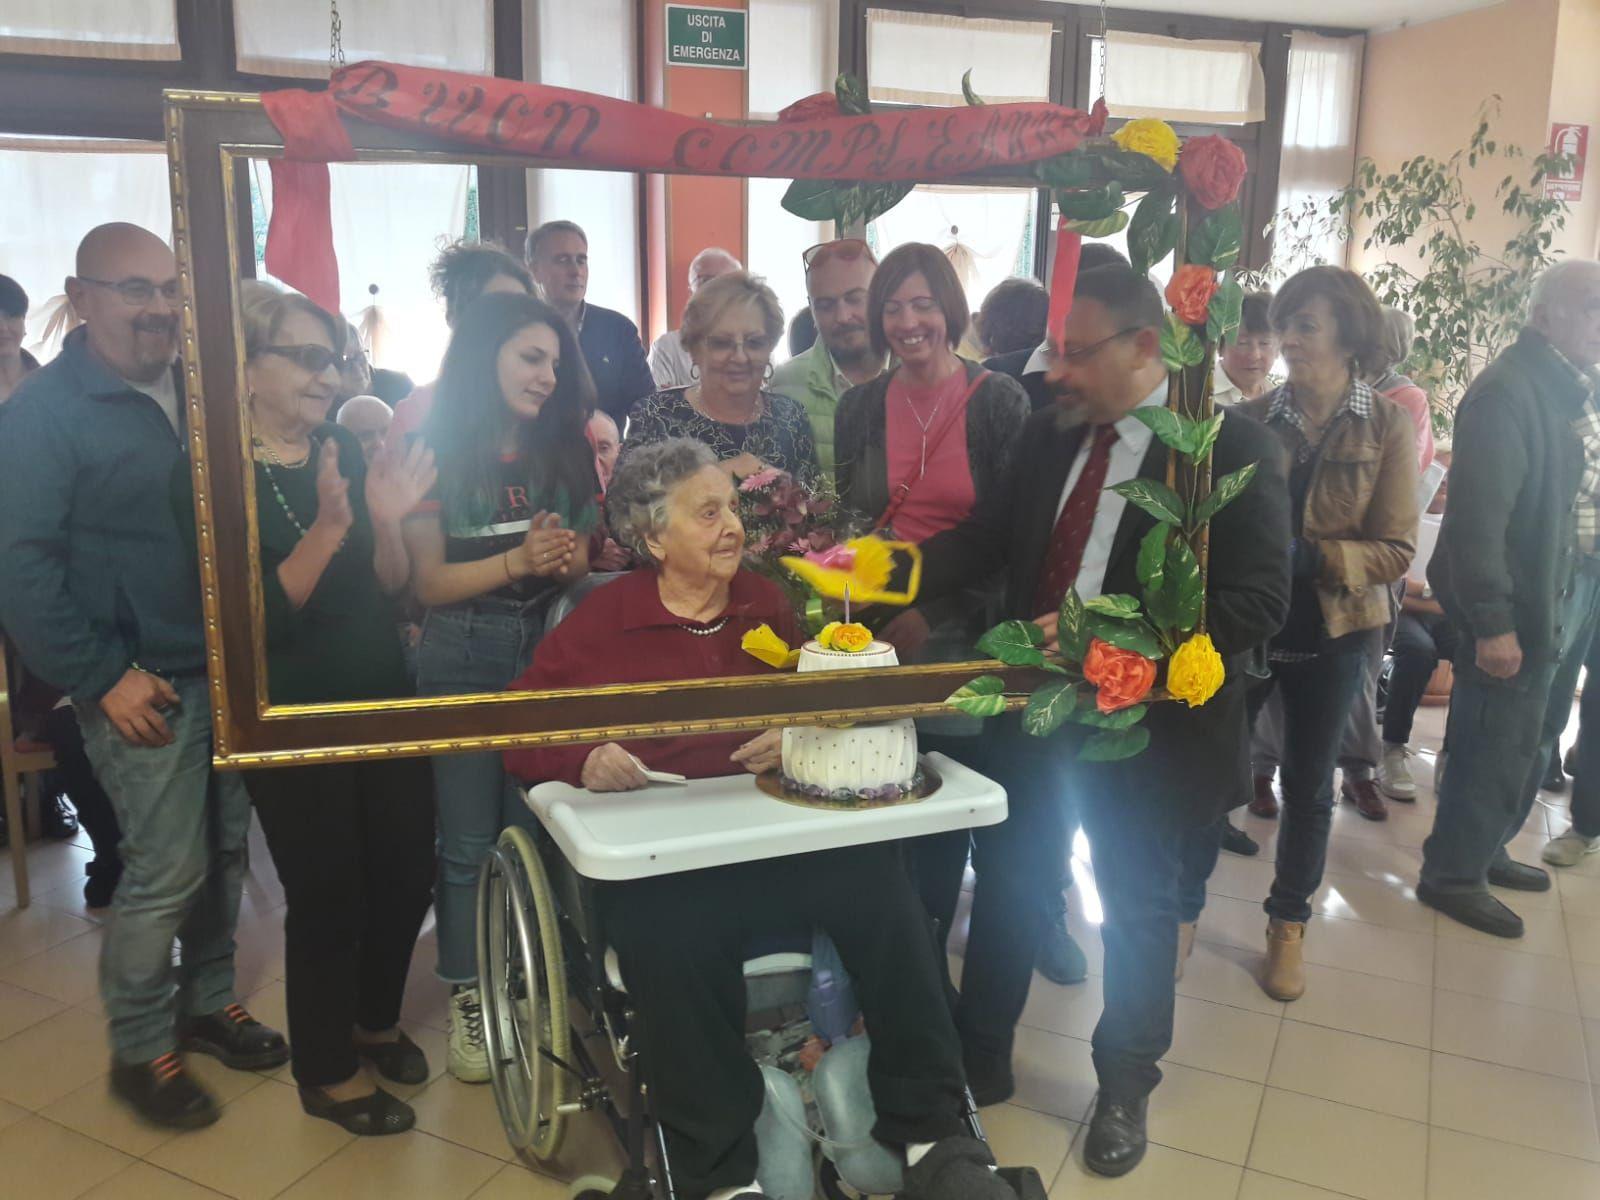 CUORGNE' - Super festa per nonna Antonia e i suoi 106 anni - FOTO